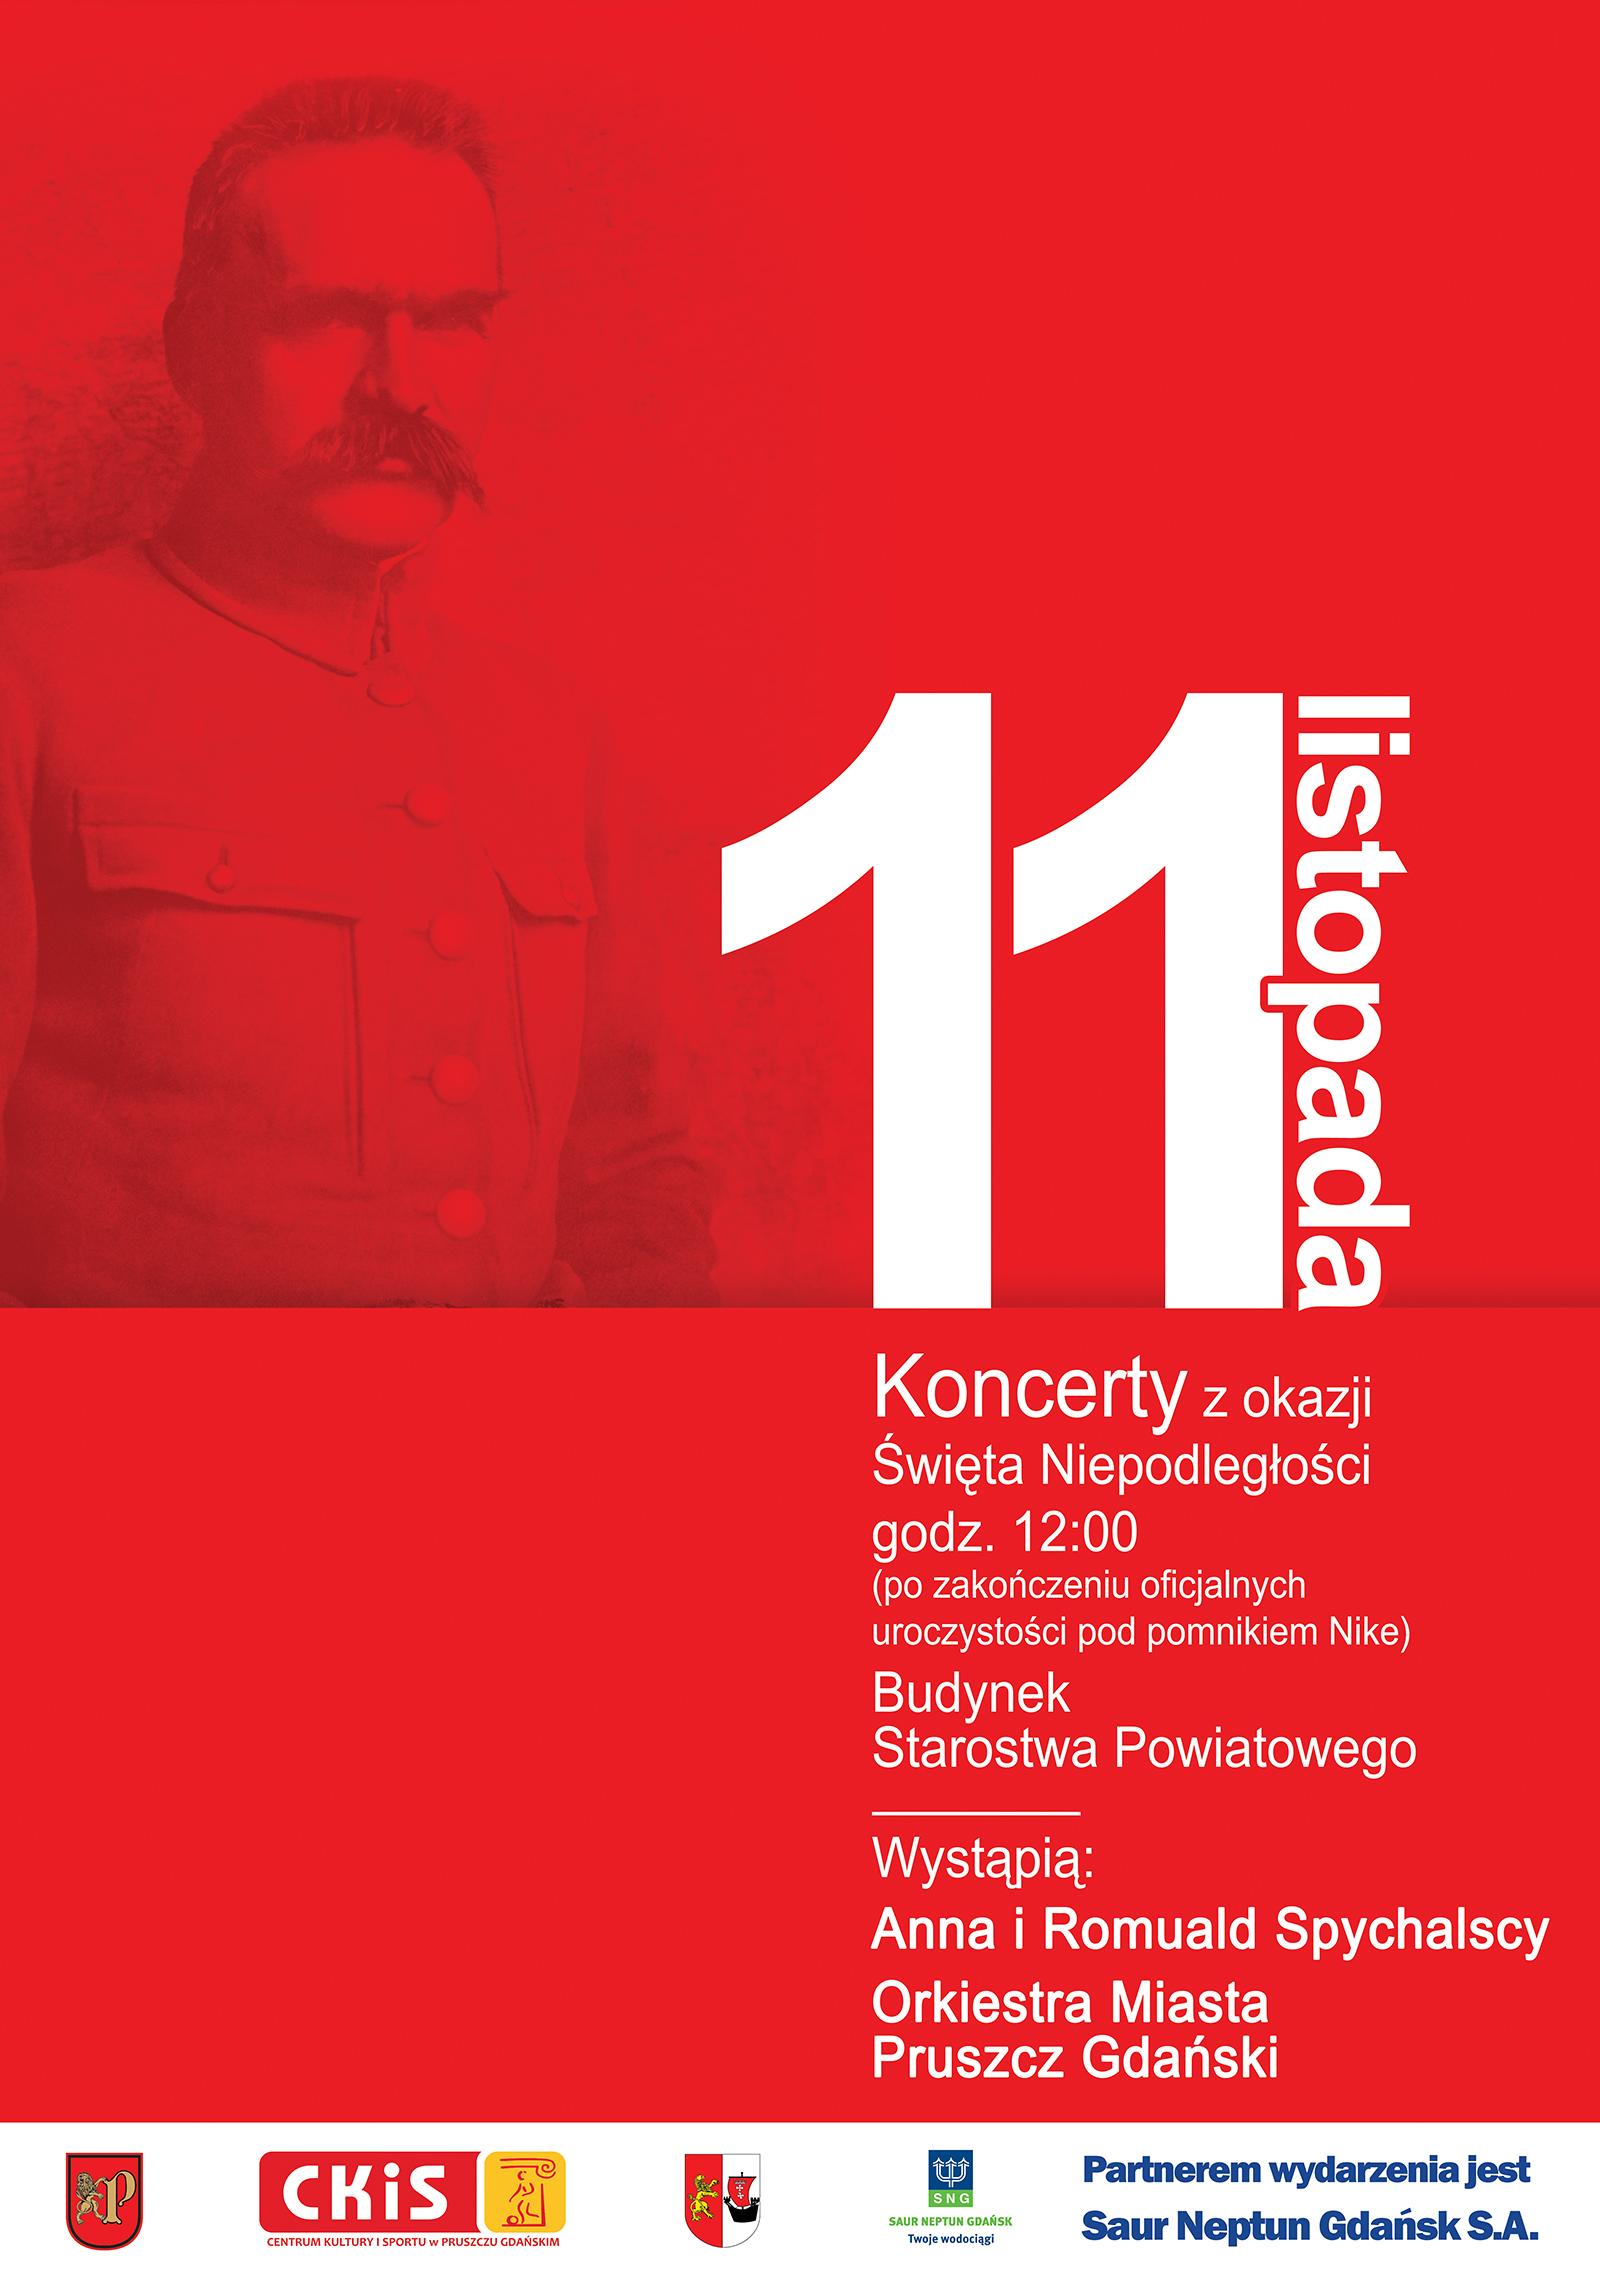 11 Listopada Koncerty Centrum Kultury I Sportu W